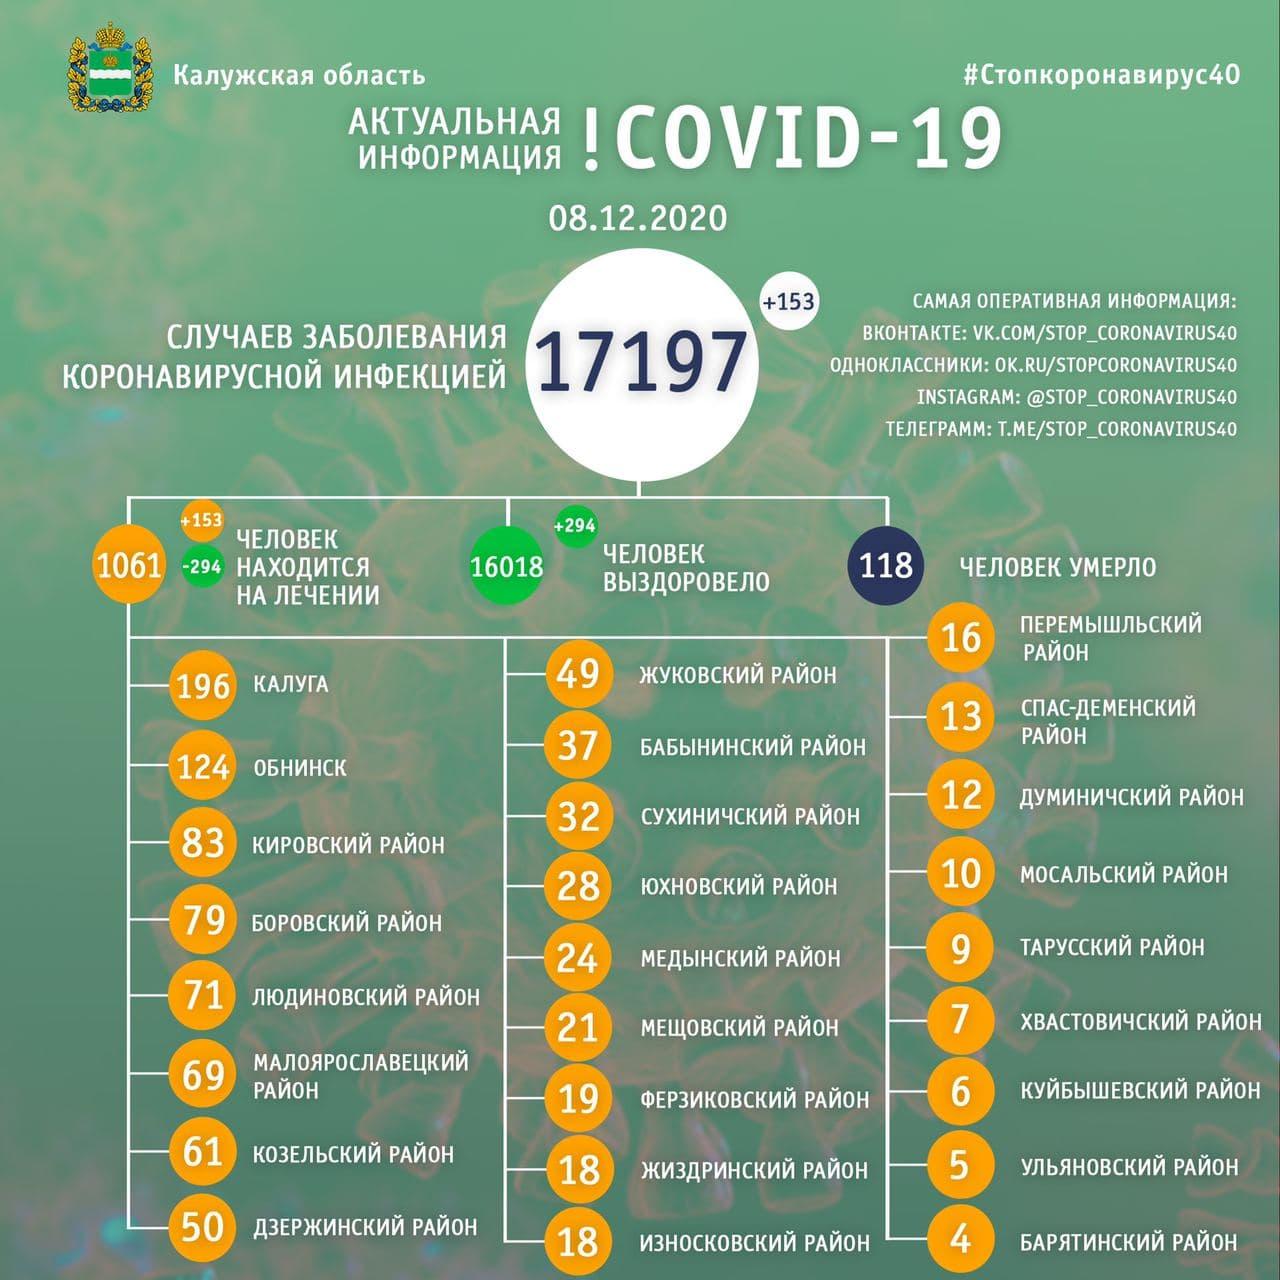 Официальная статистика по коронавирусу в Калужской области на 8 декабря 2020 года.